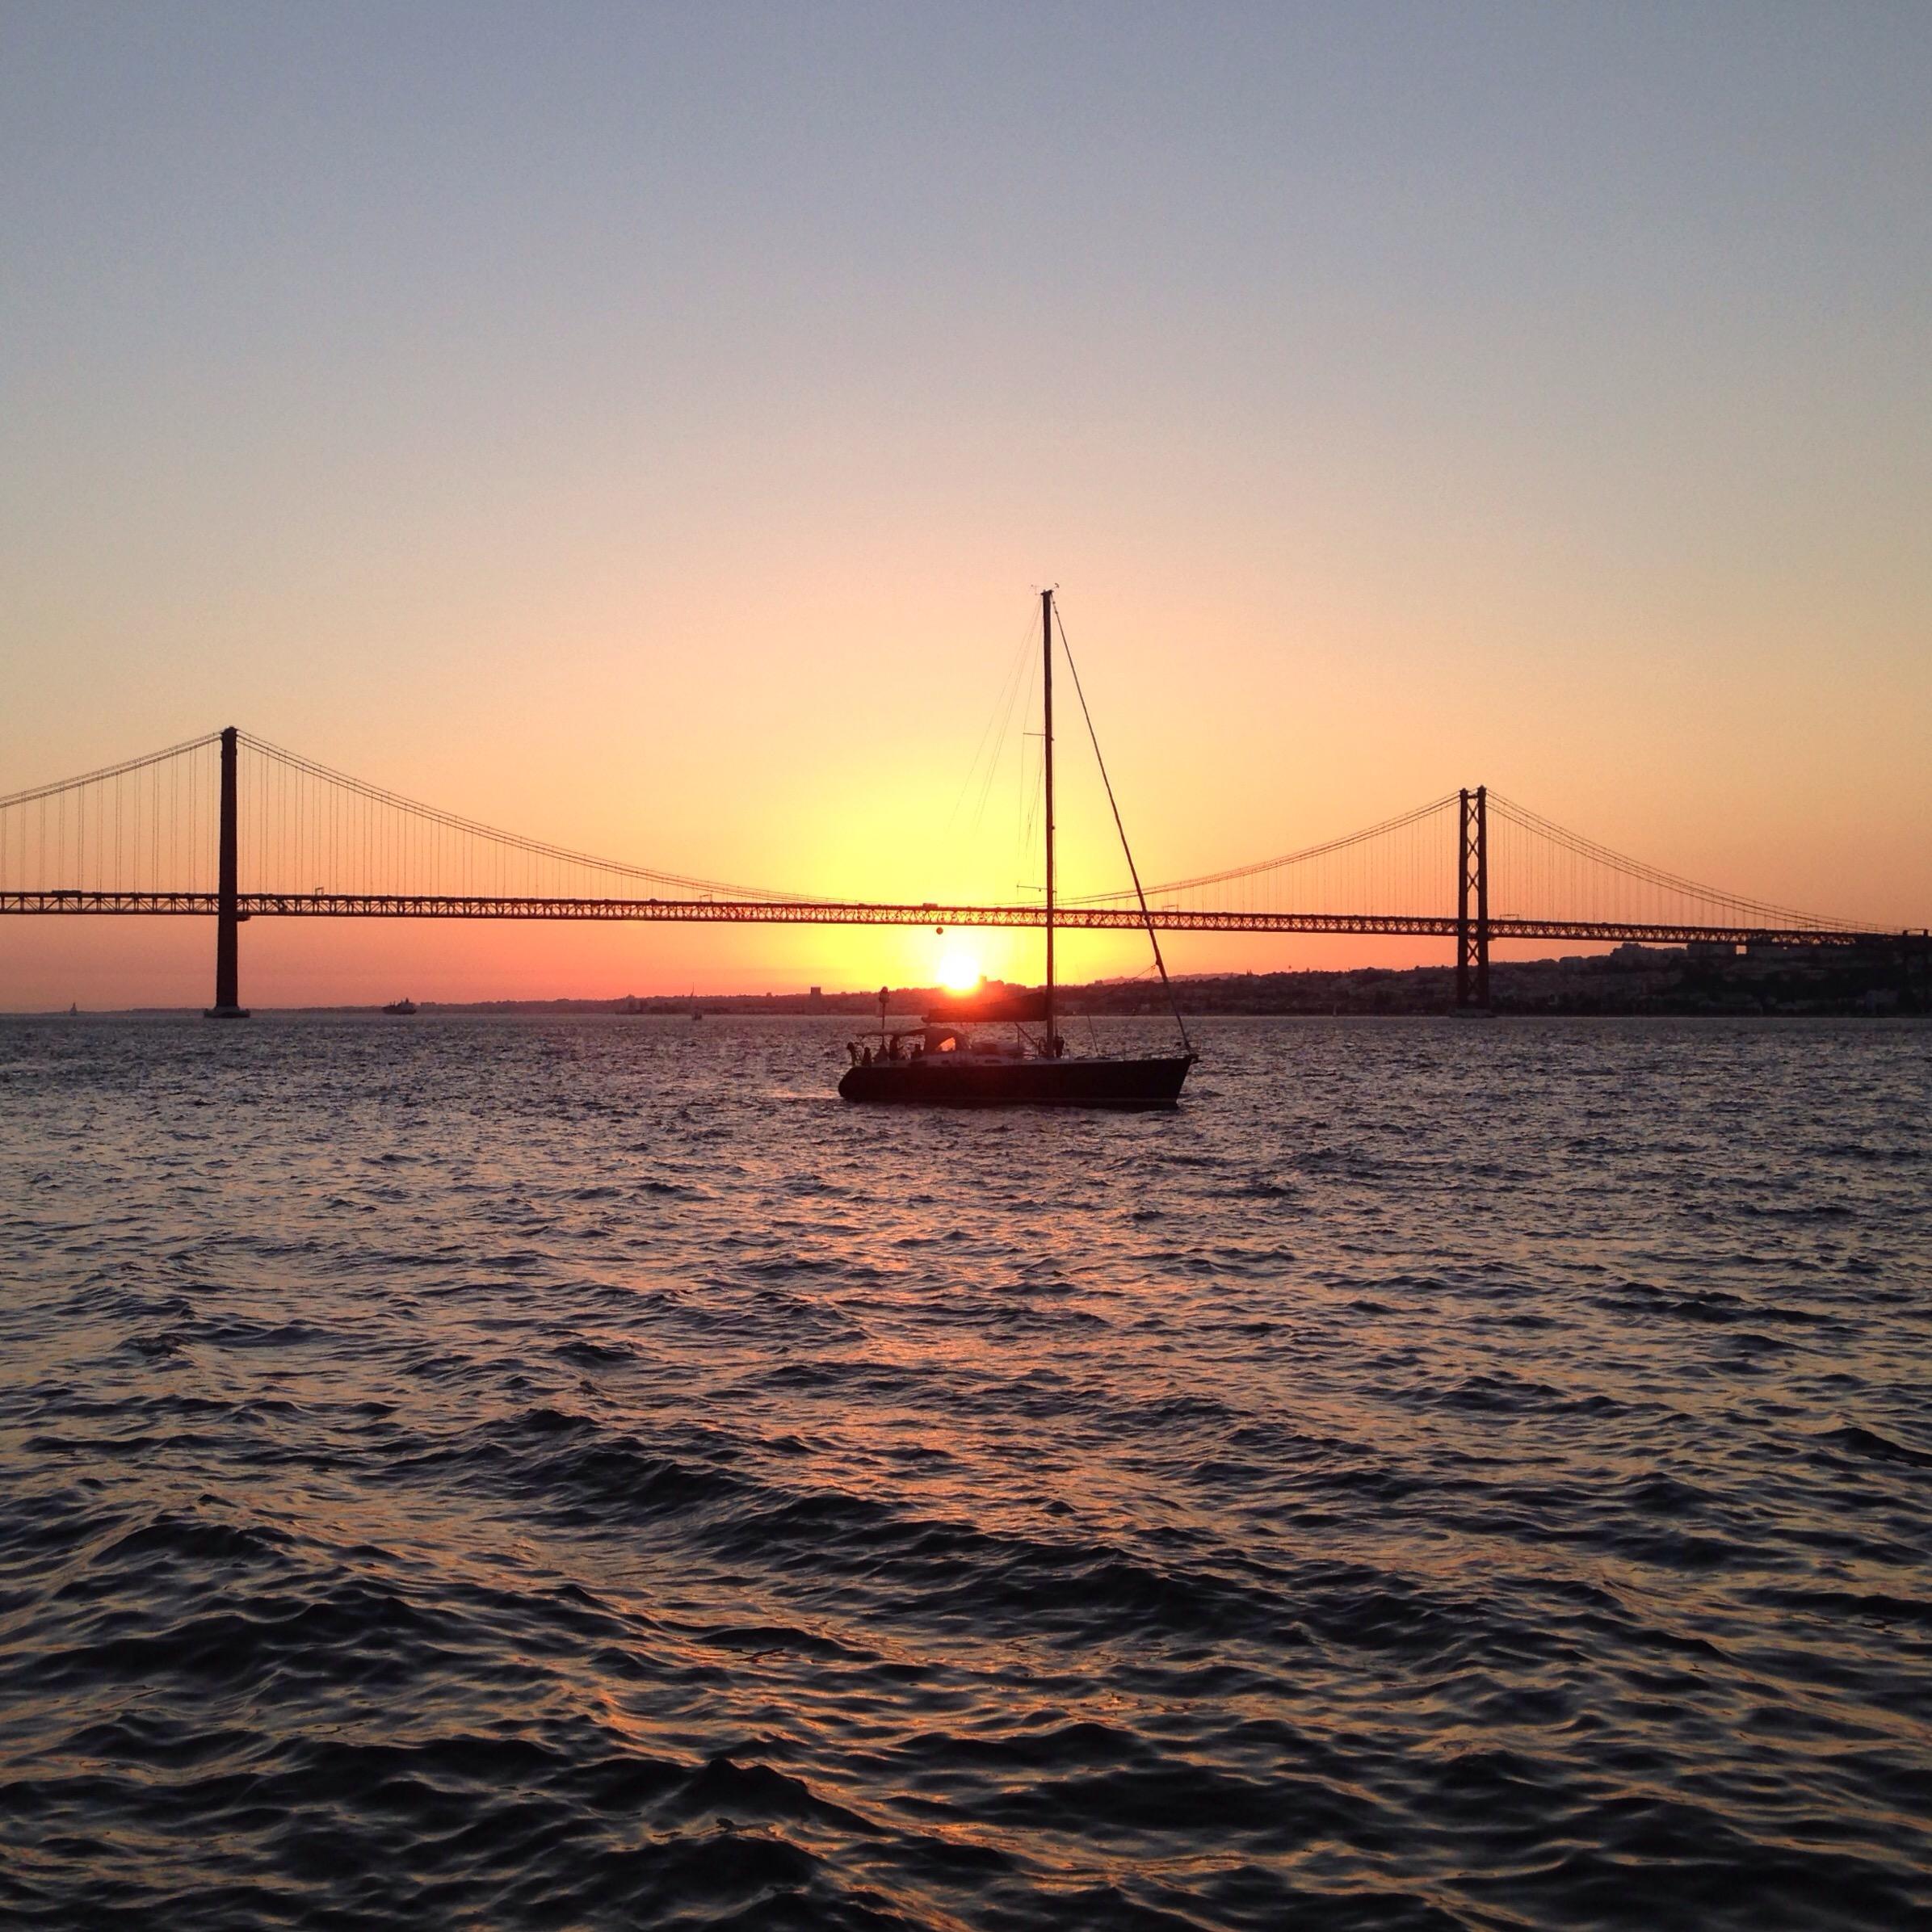 Lissabon Bridge www.diewunderbarewelt.com